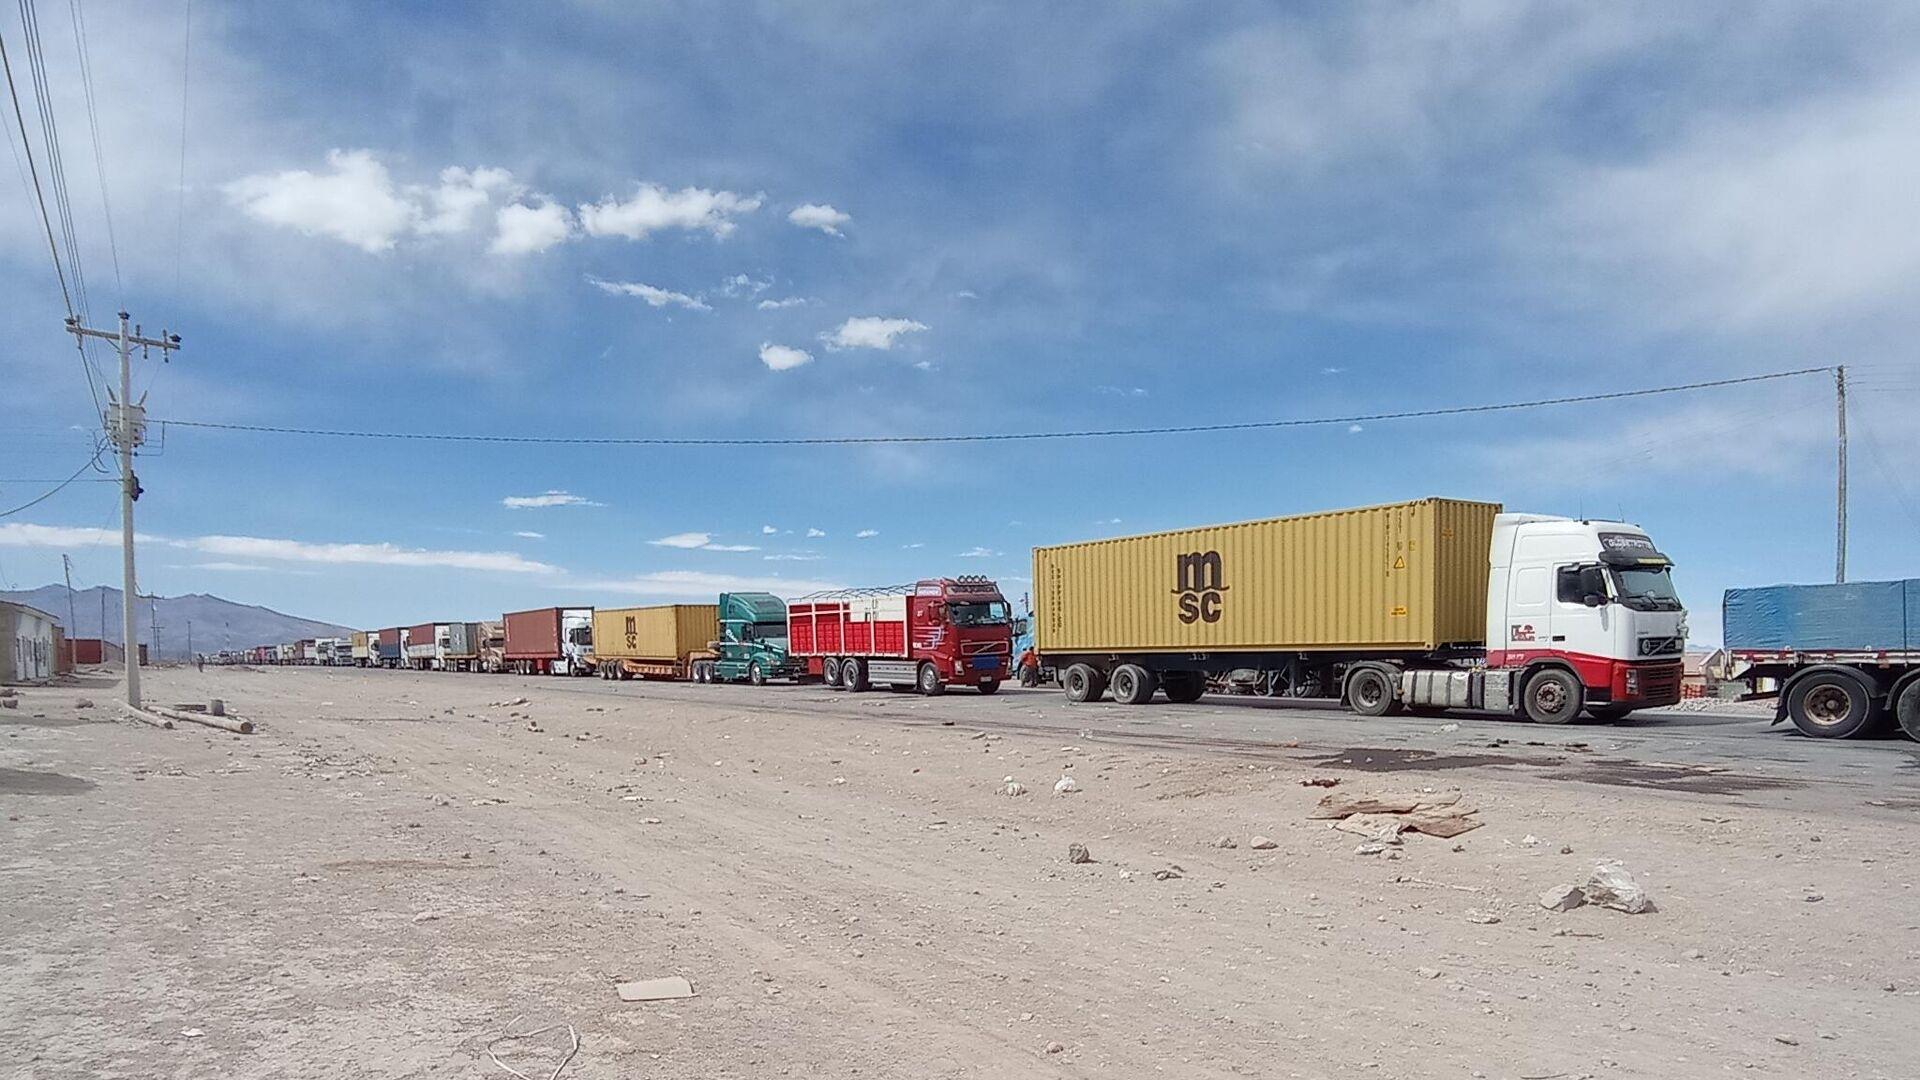 Camiones varados en la frontera entre Bolivia y Chile - Sputnik Mundo, 1920, 14.07.2021